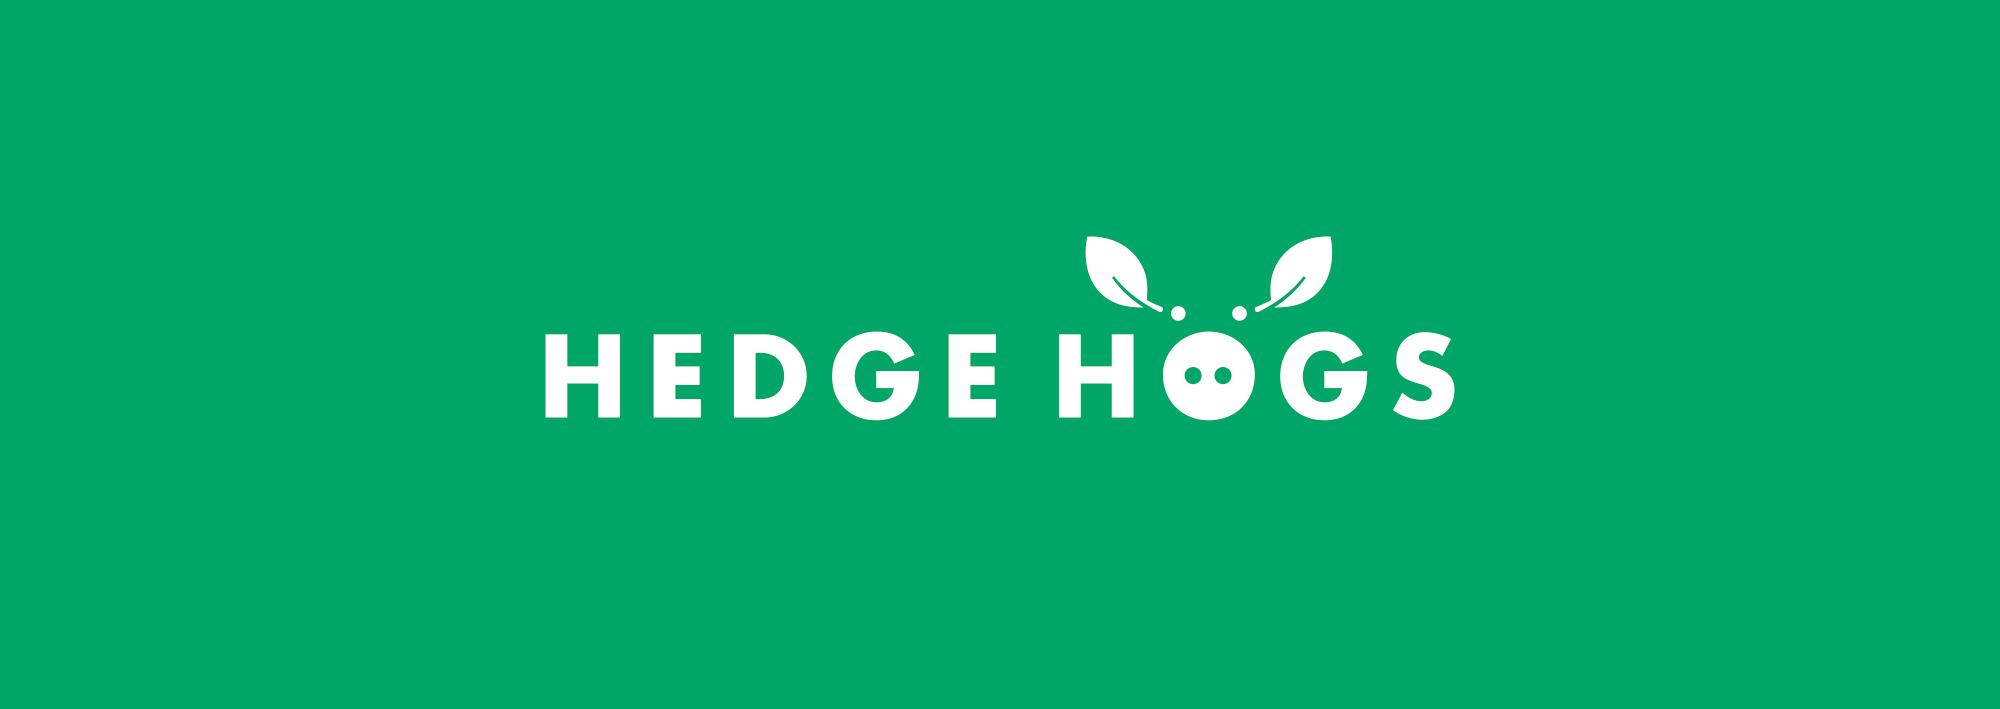 Hedge Hogs logo design